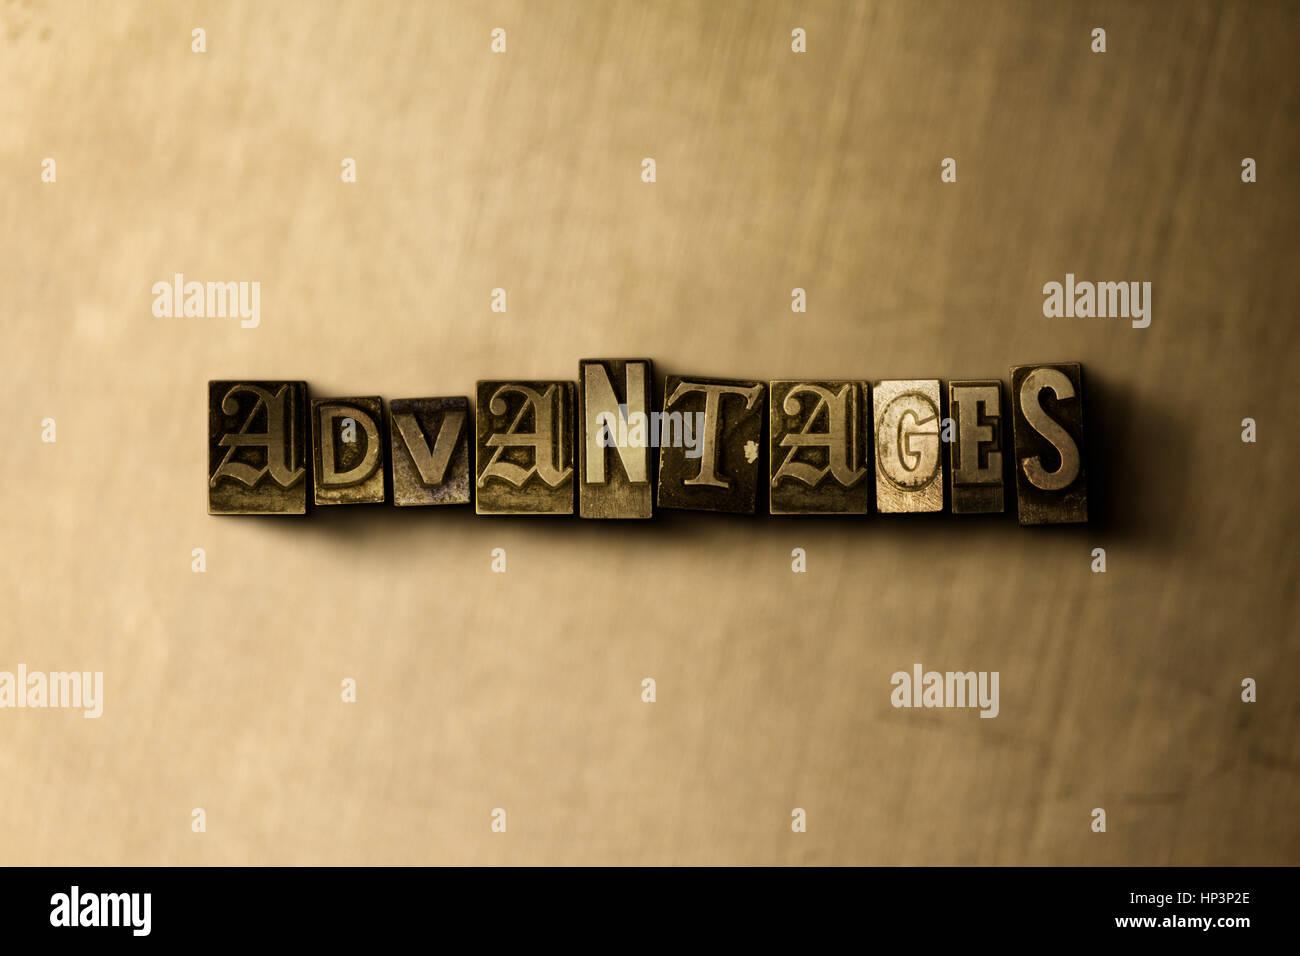 Avantages - close-up de grungy vintage imprimé sur toile métallique mot. Illustration libres de droits. Photo Stock